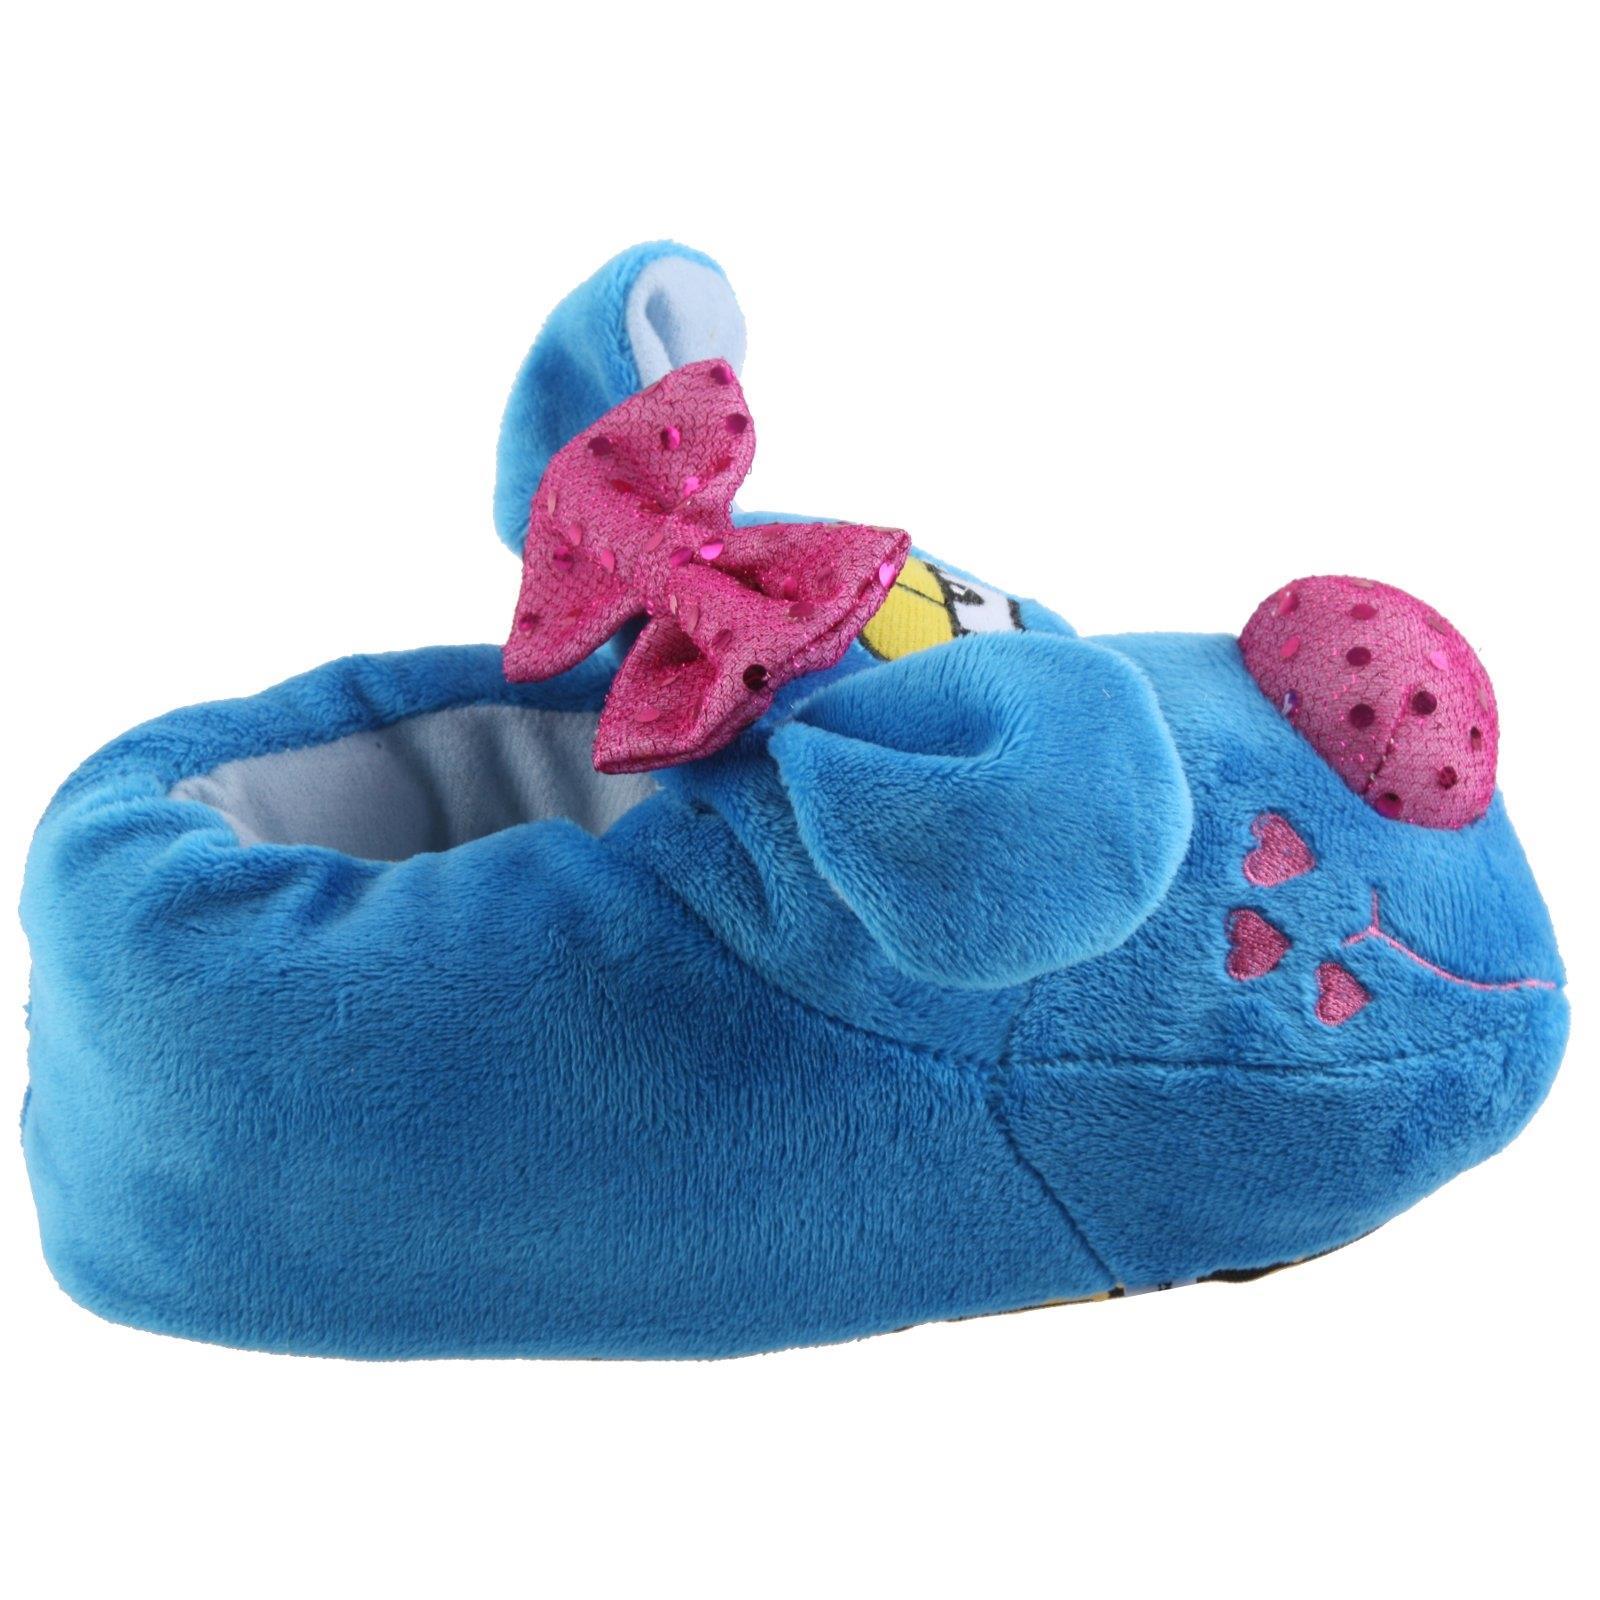 Details zu Hund mit Schleifchen Tier Hausschuhe Pantoffel Schlappen Mädchen Blau 27 41